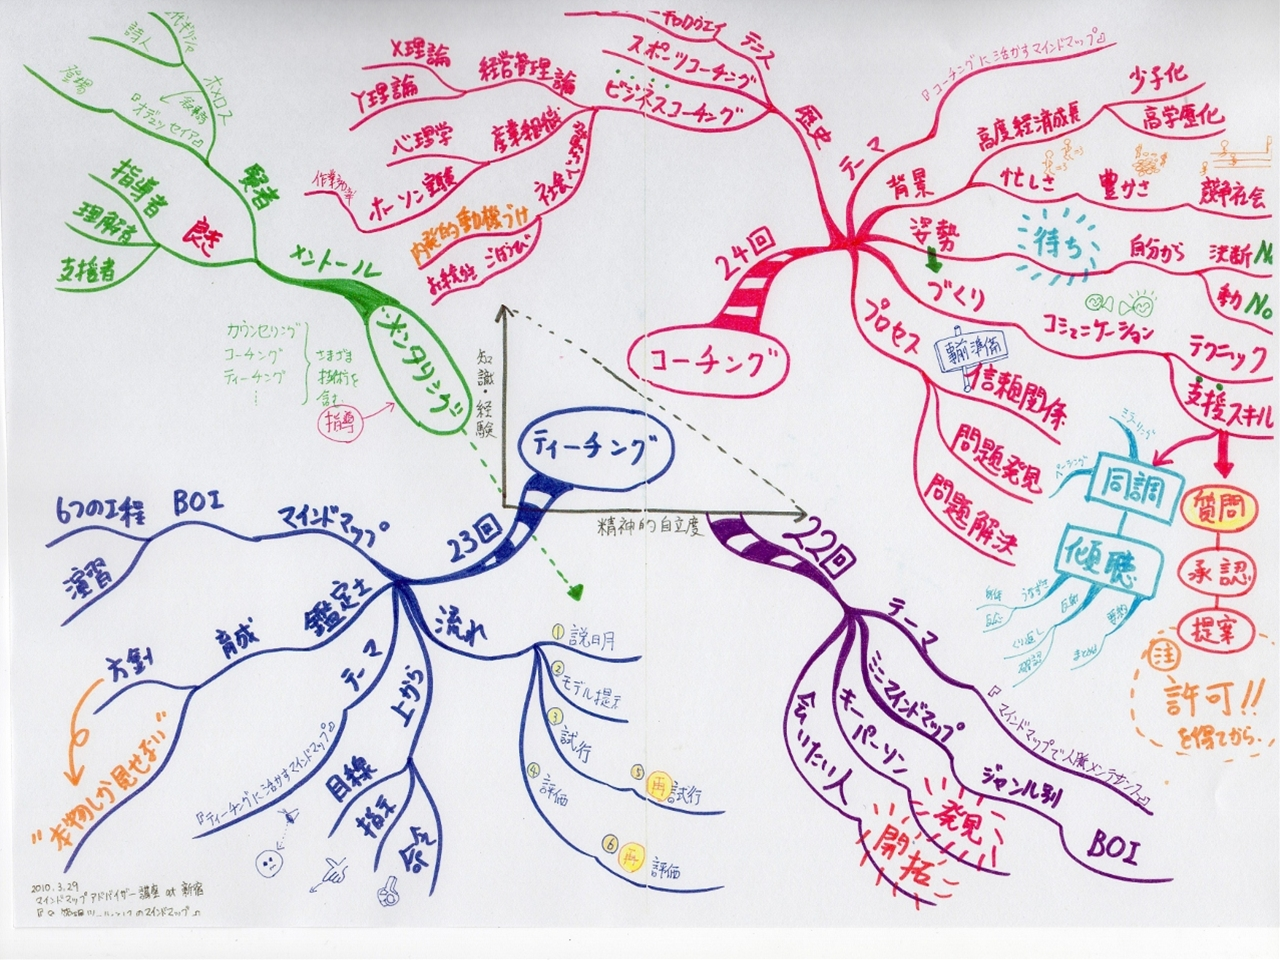 マインドマップアドバイザー講座 at 新宿 『8.管理ツールとしてのマインドマップ』